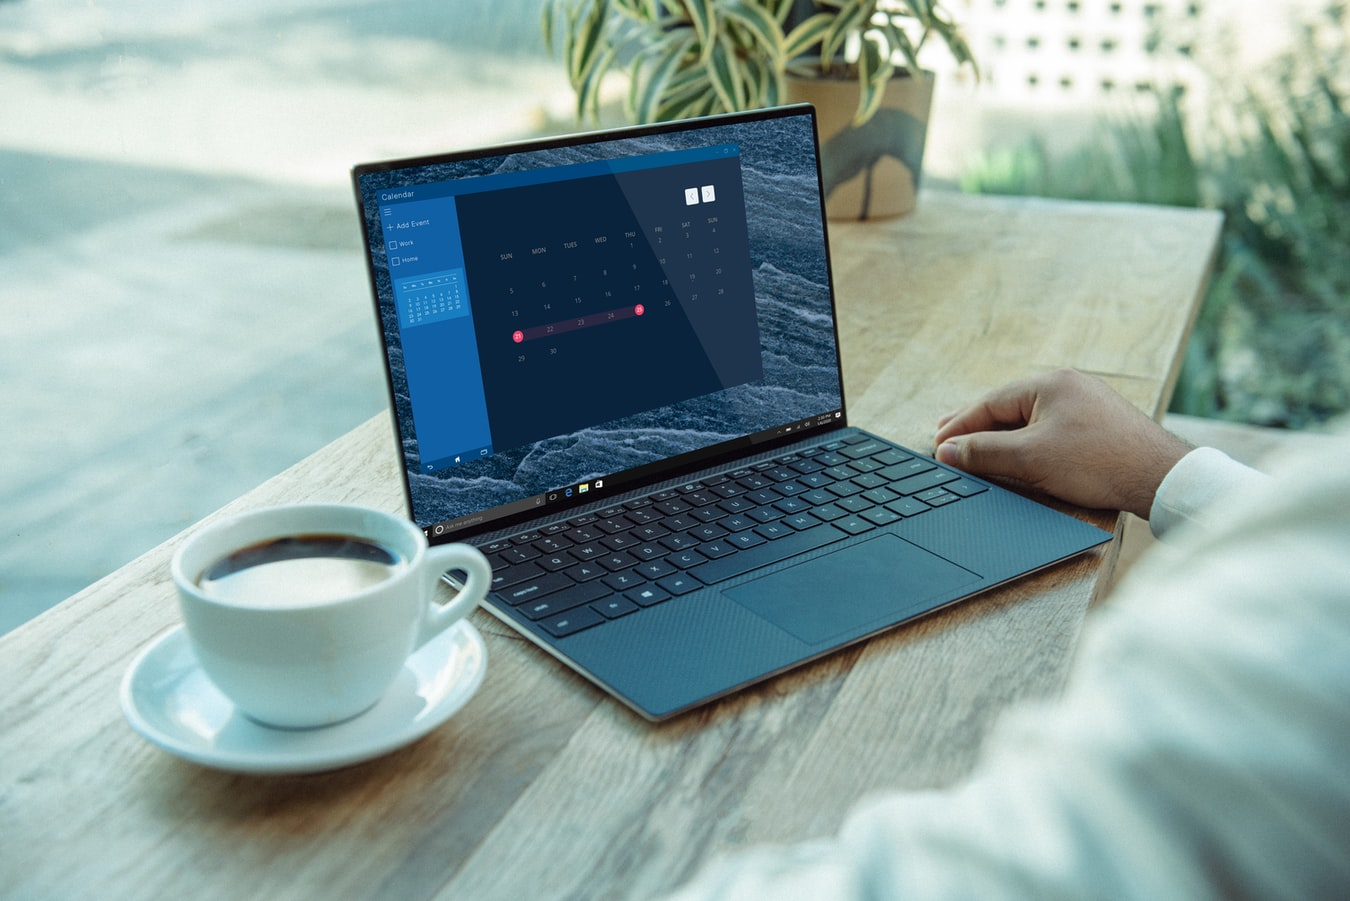 notebook e uma xícara de café.